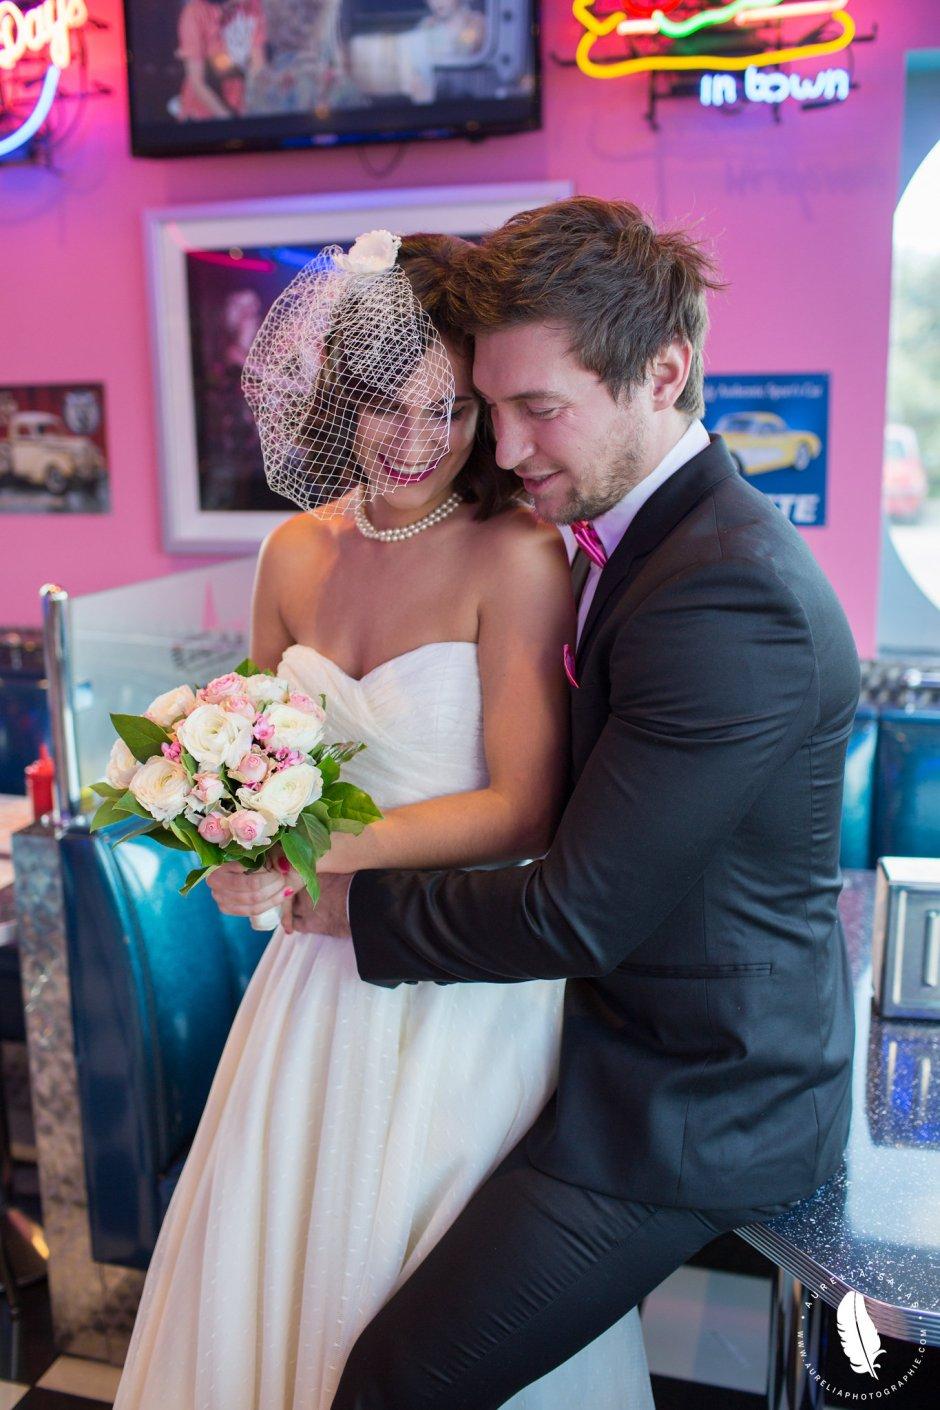 mariage-retro-fifties-la-blogueuse-mariage-6